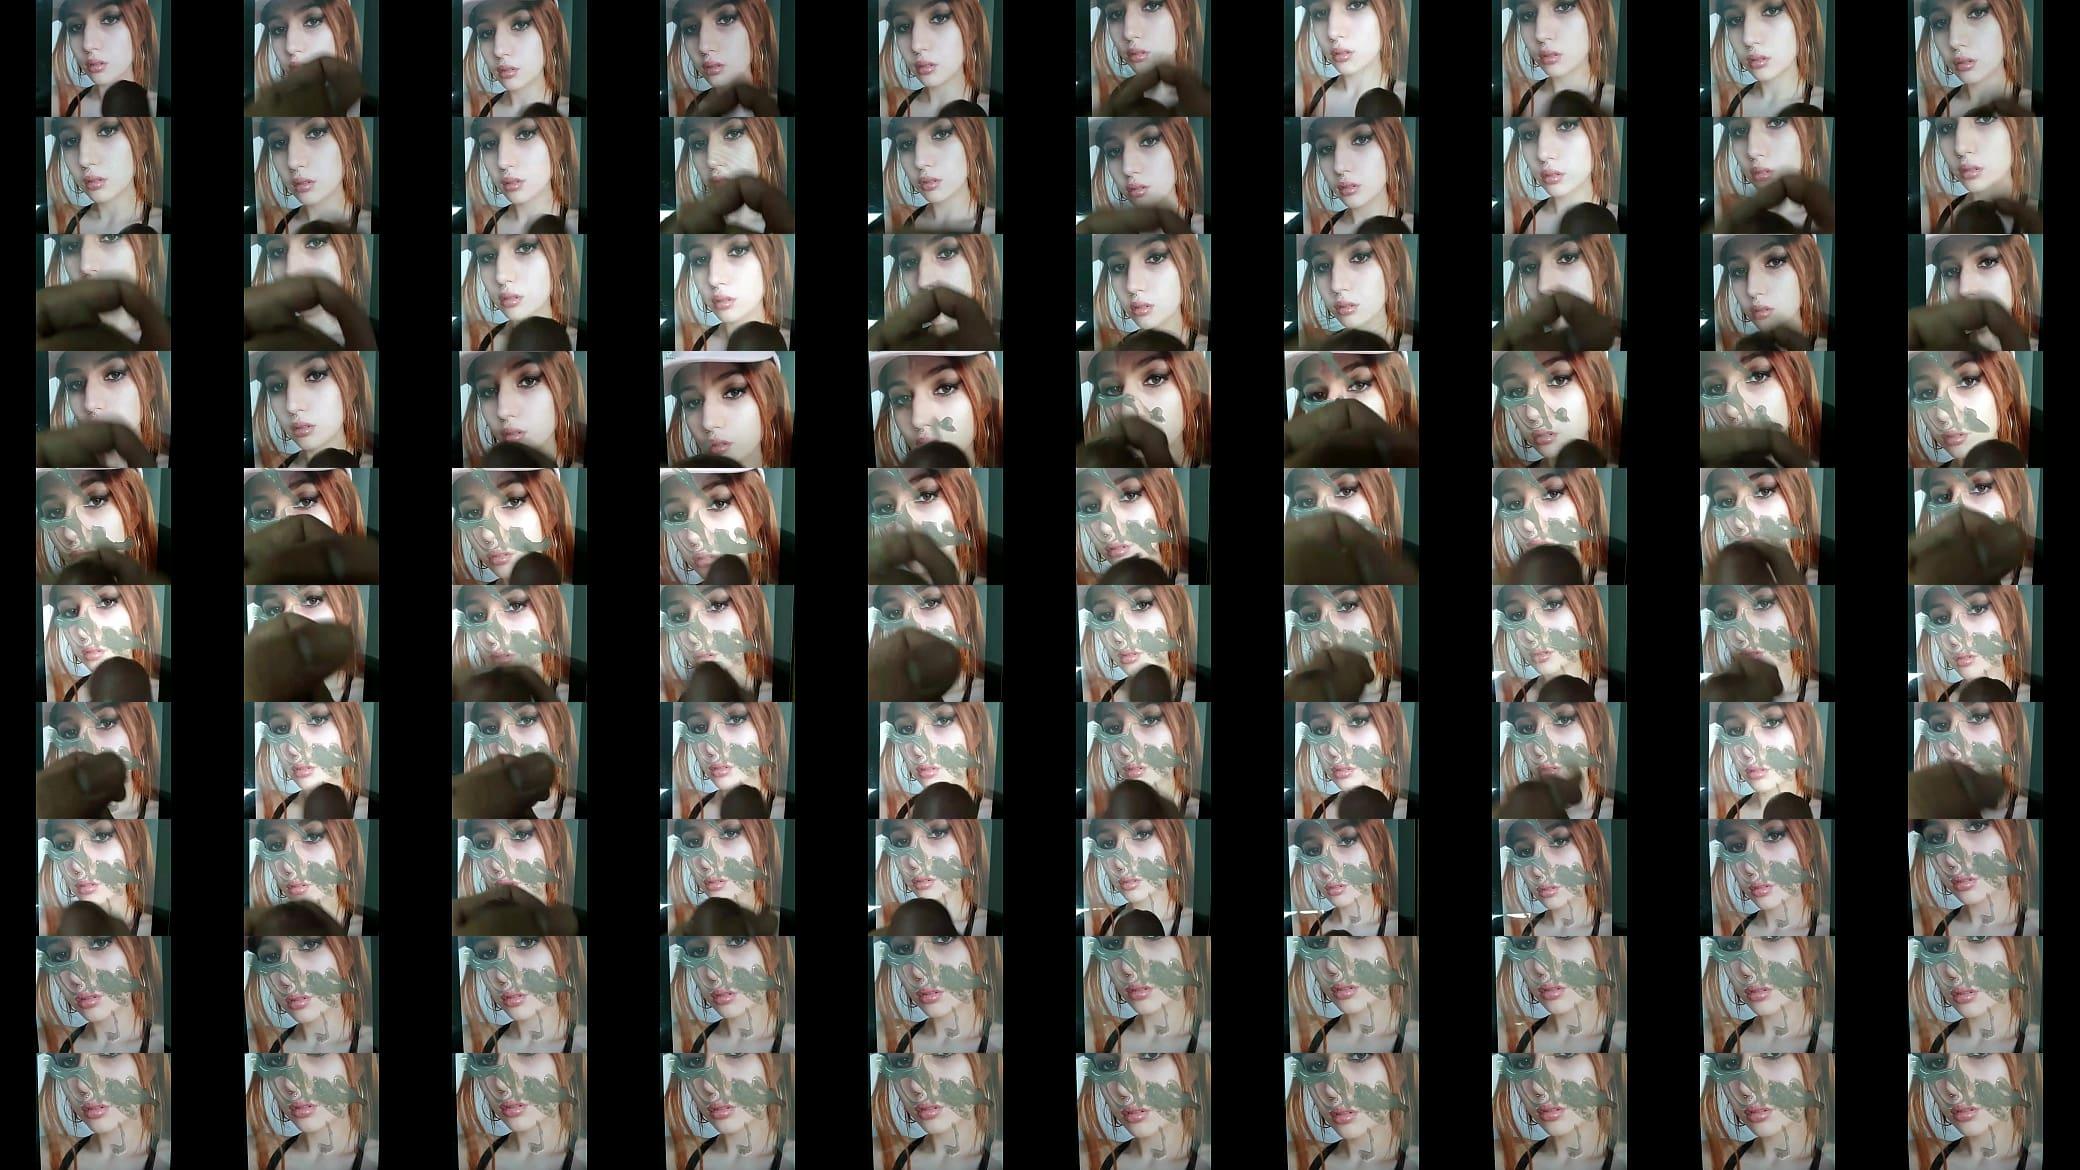 Ana Morgade Porn Tube cum tribute for julisolxx cum tribute for julisolxx cum